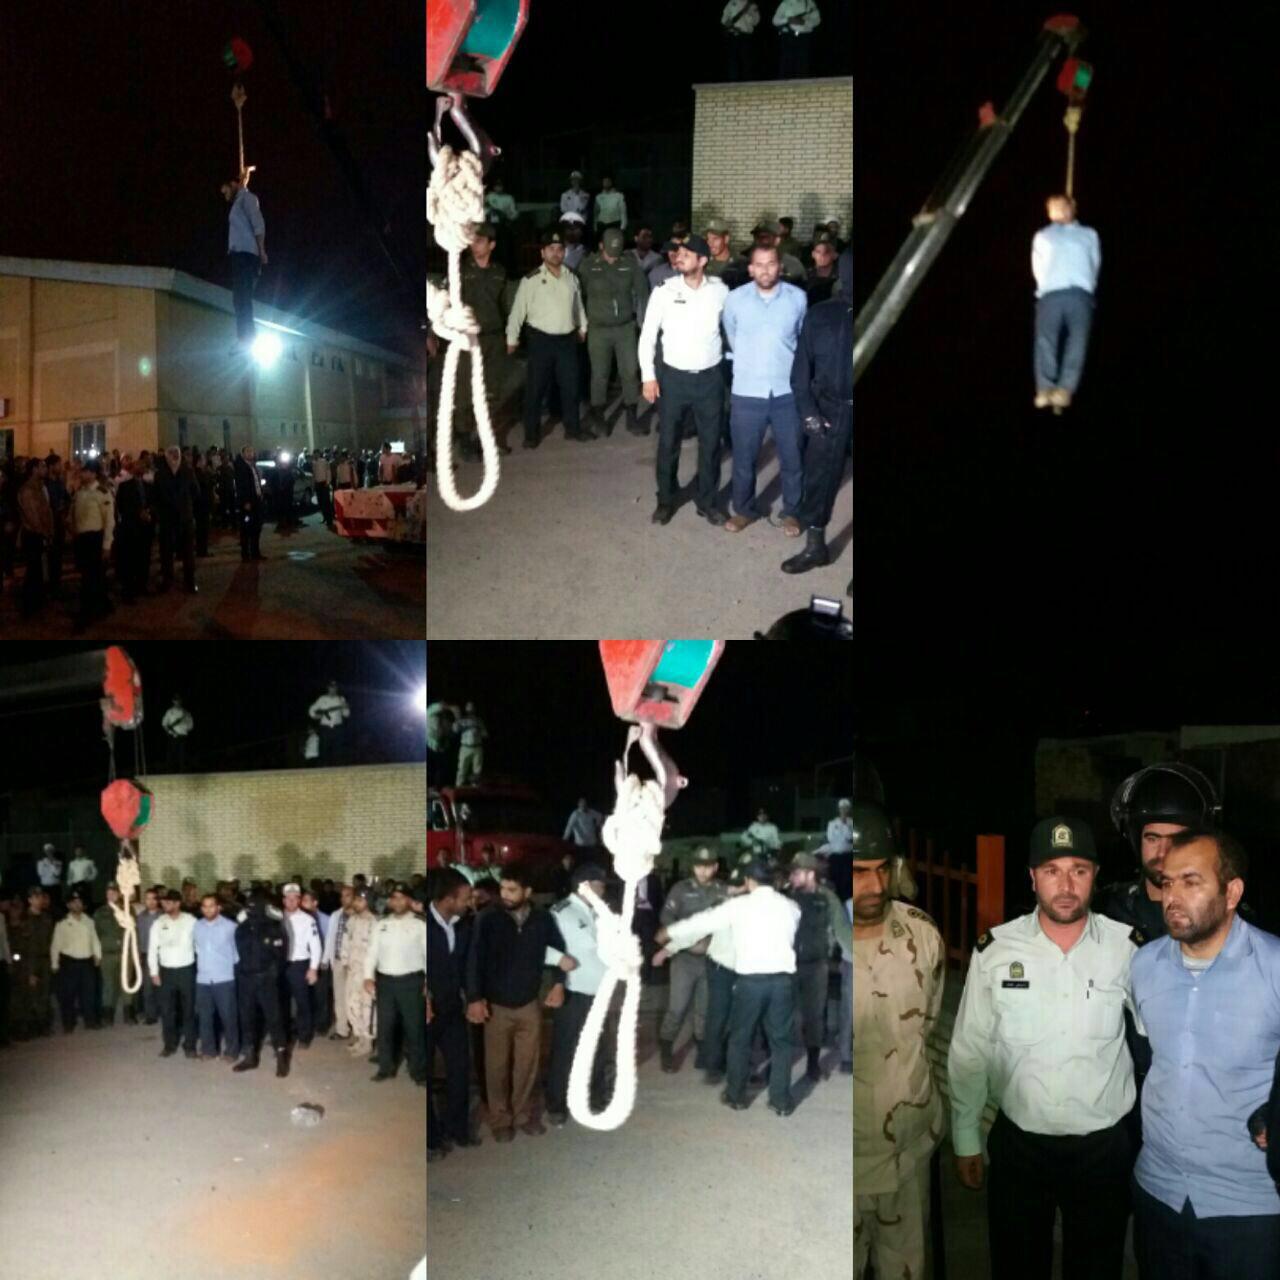 اسماعيل رنگرز اعدام شد / امروز قاتل آتنا اعدام شد